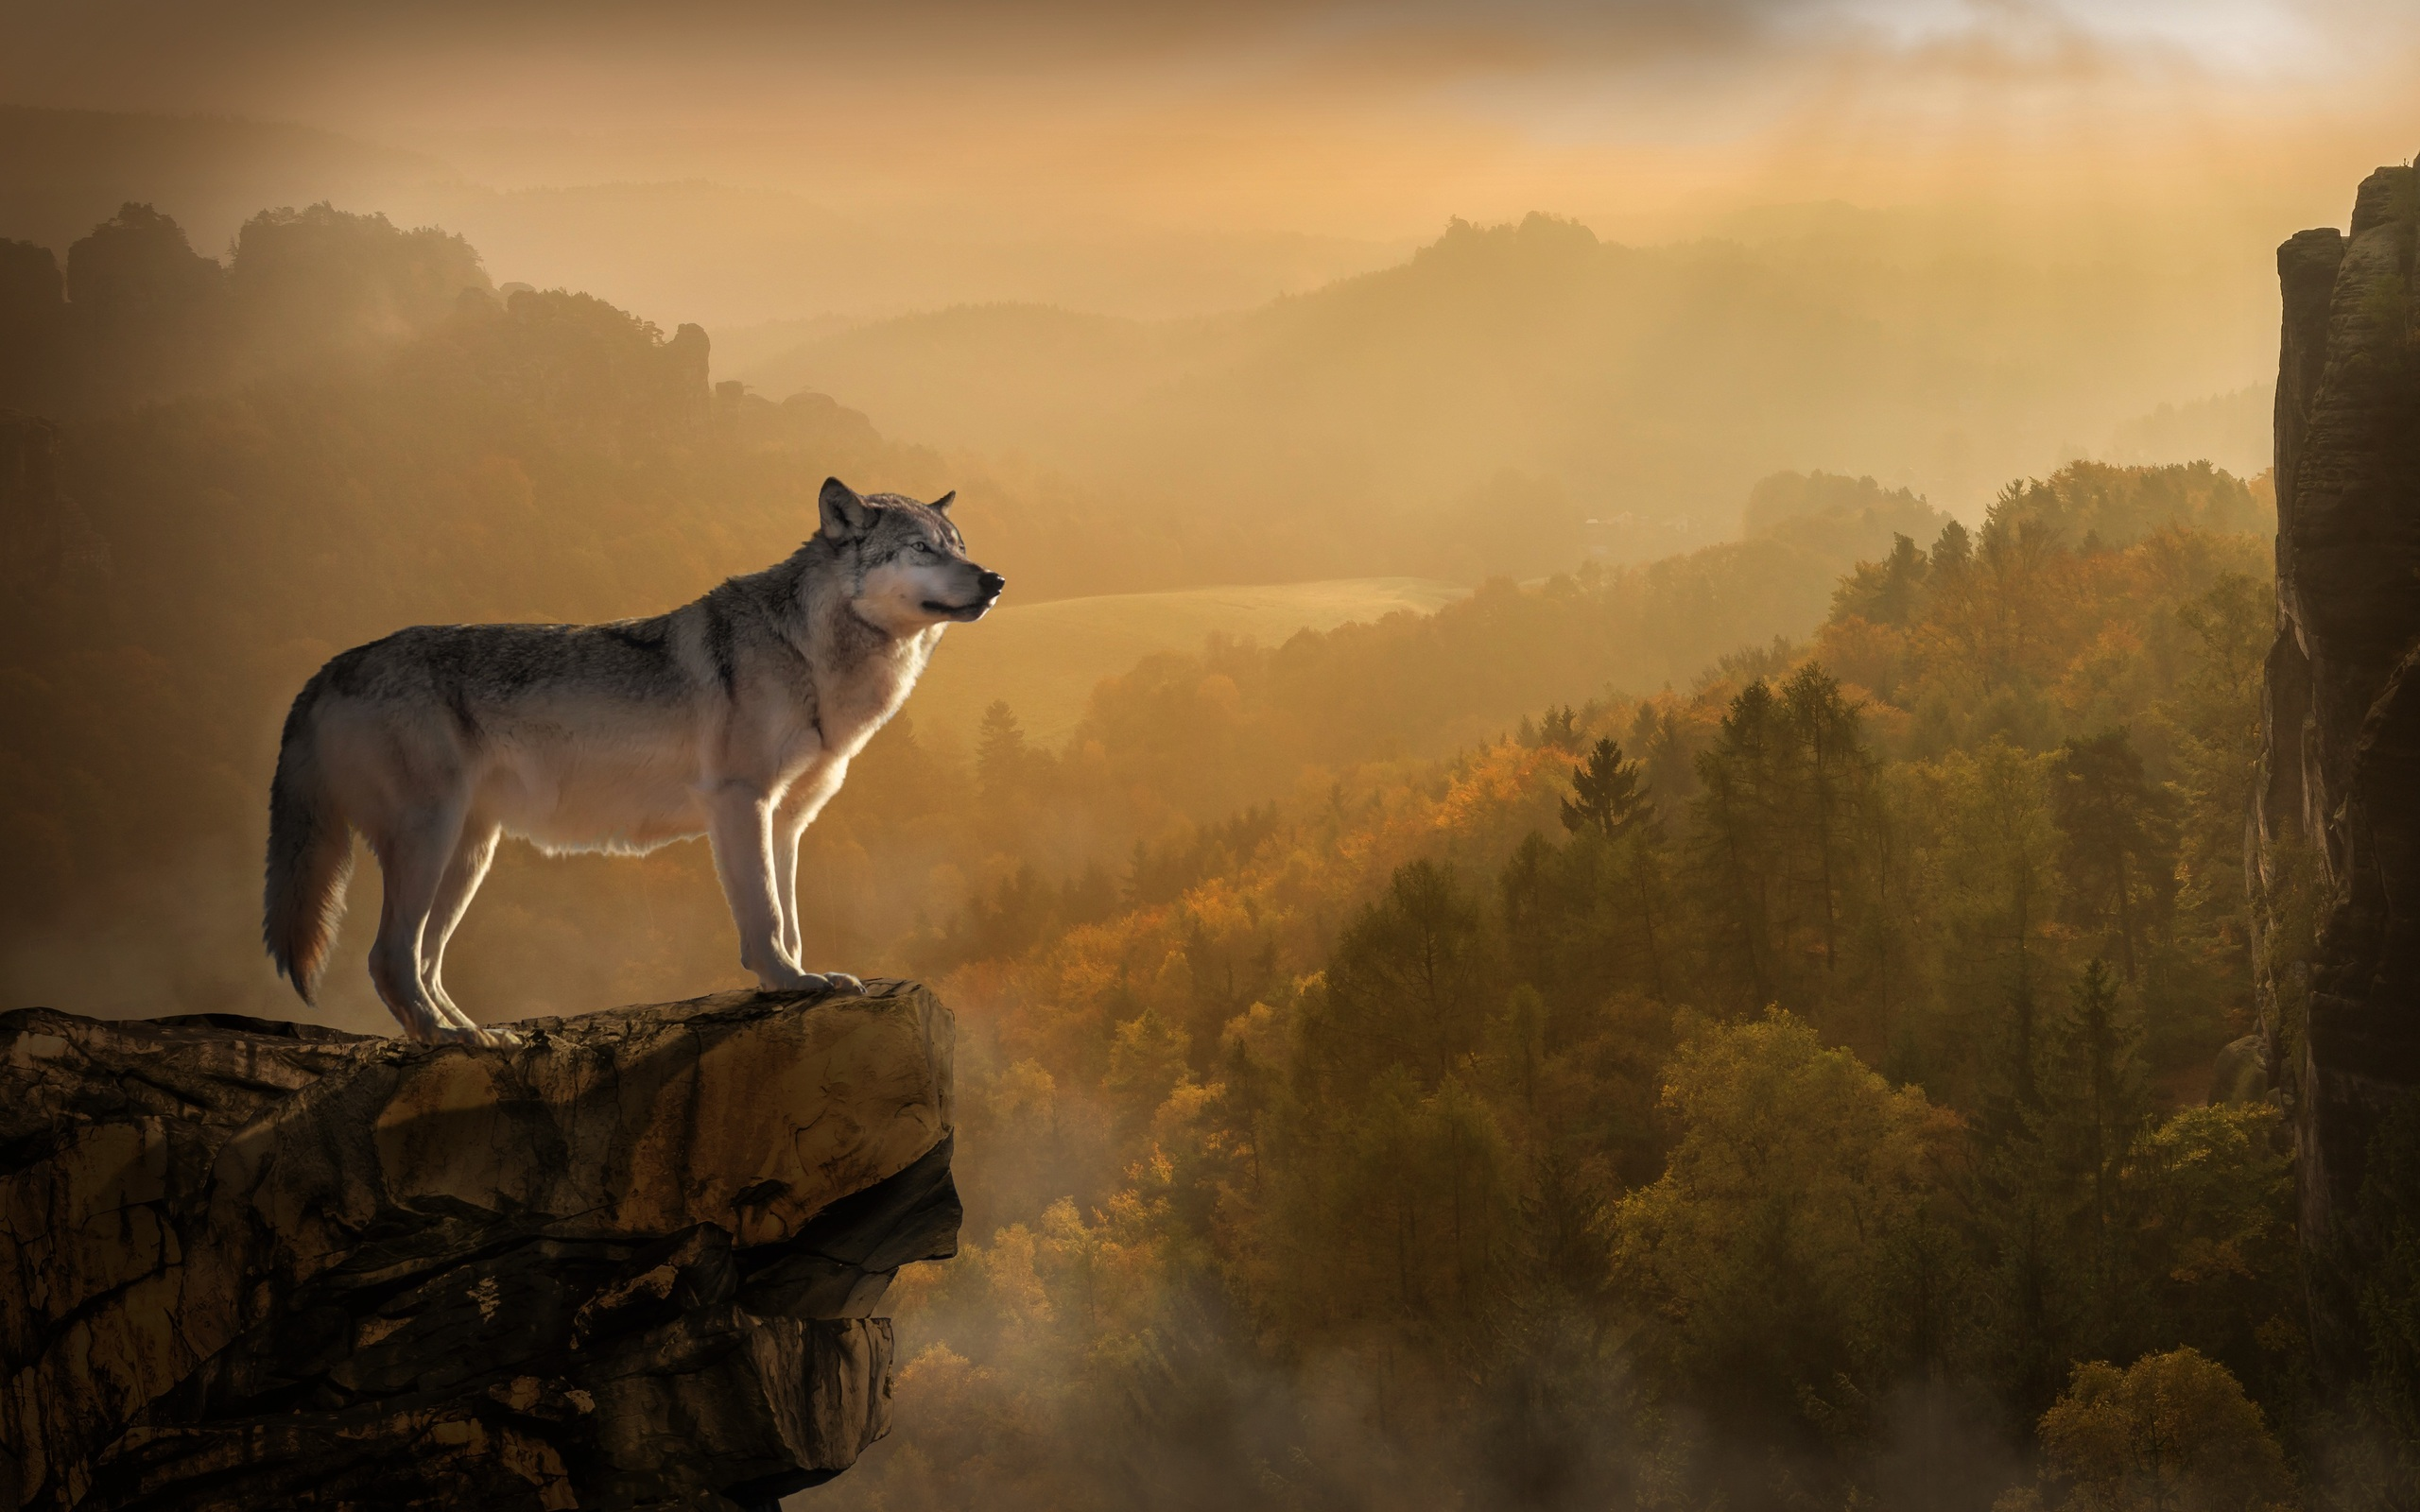 wolf-standing-on-edge-4k-fg.jpg